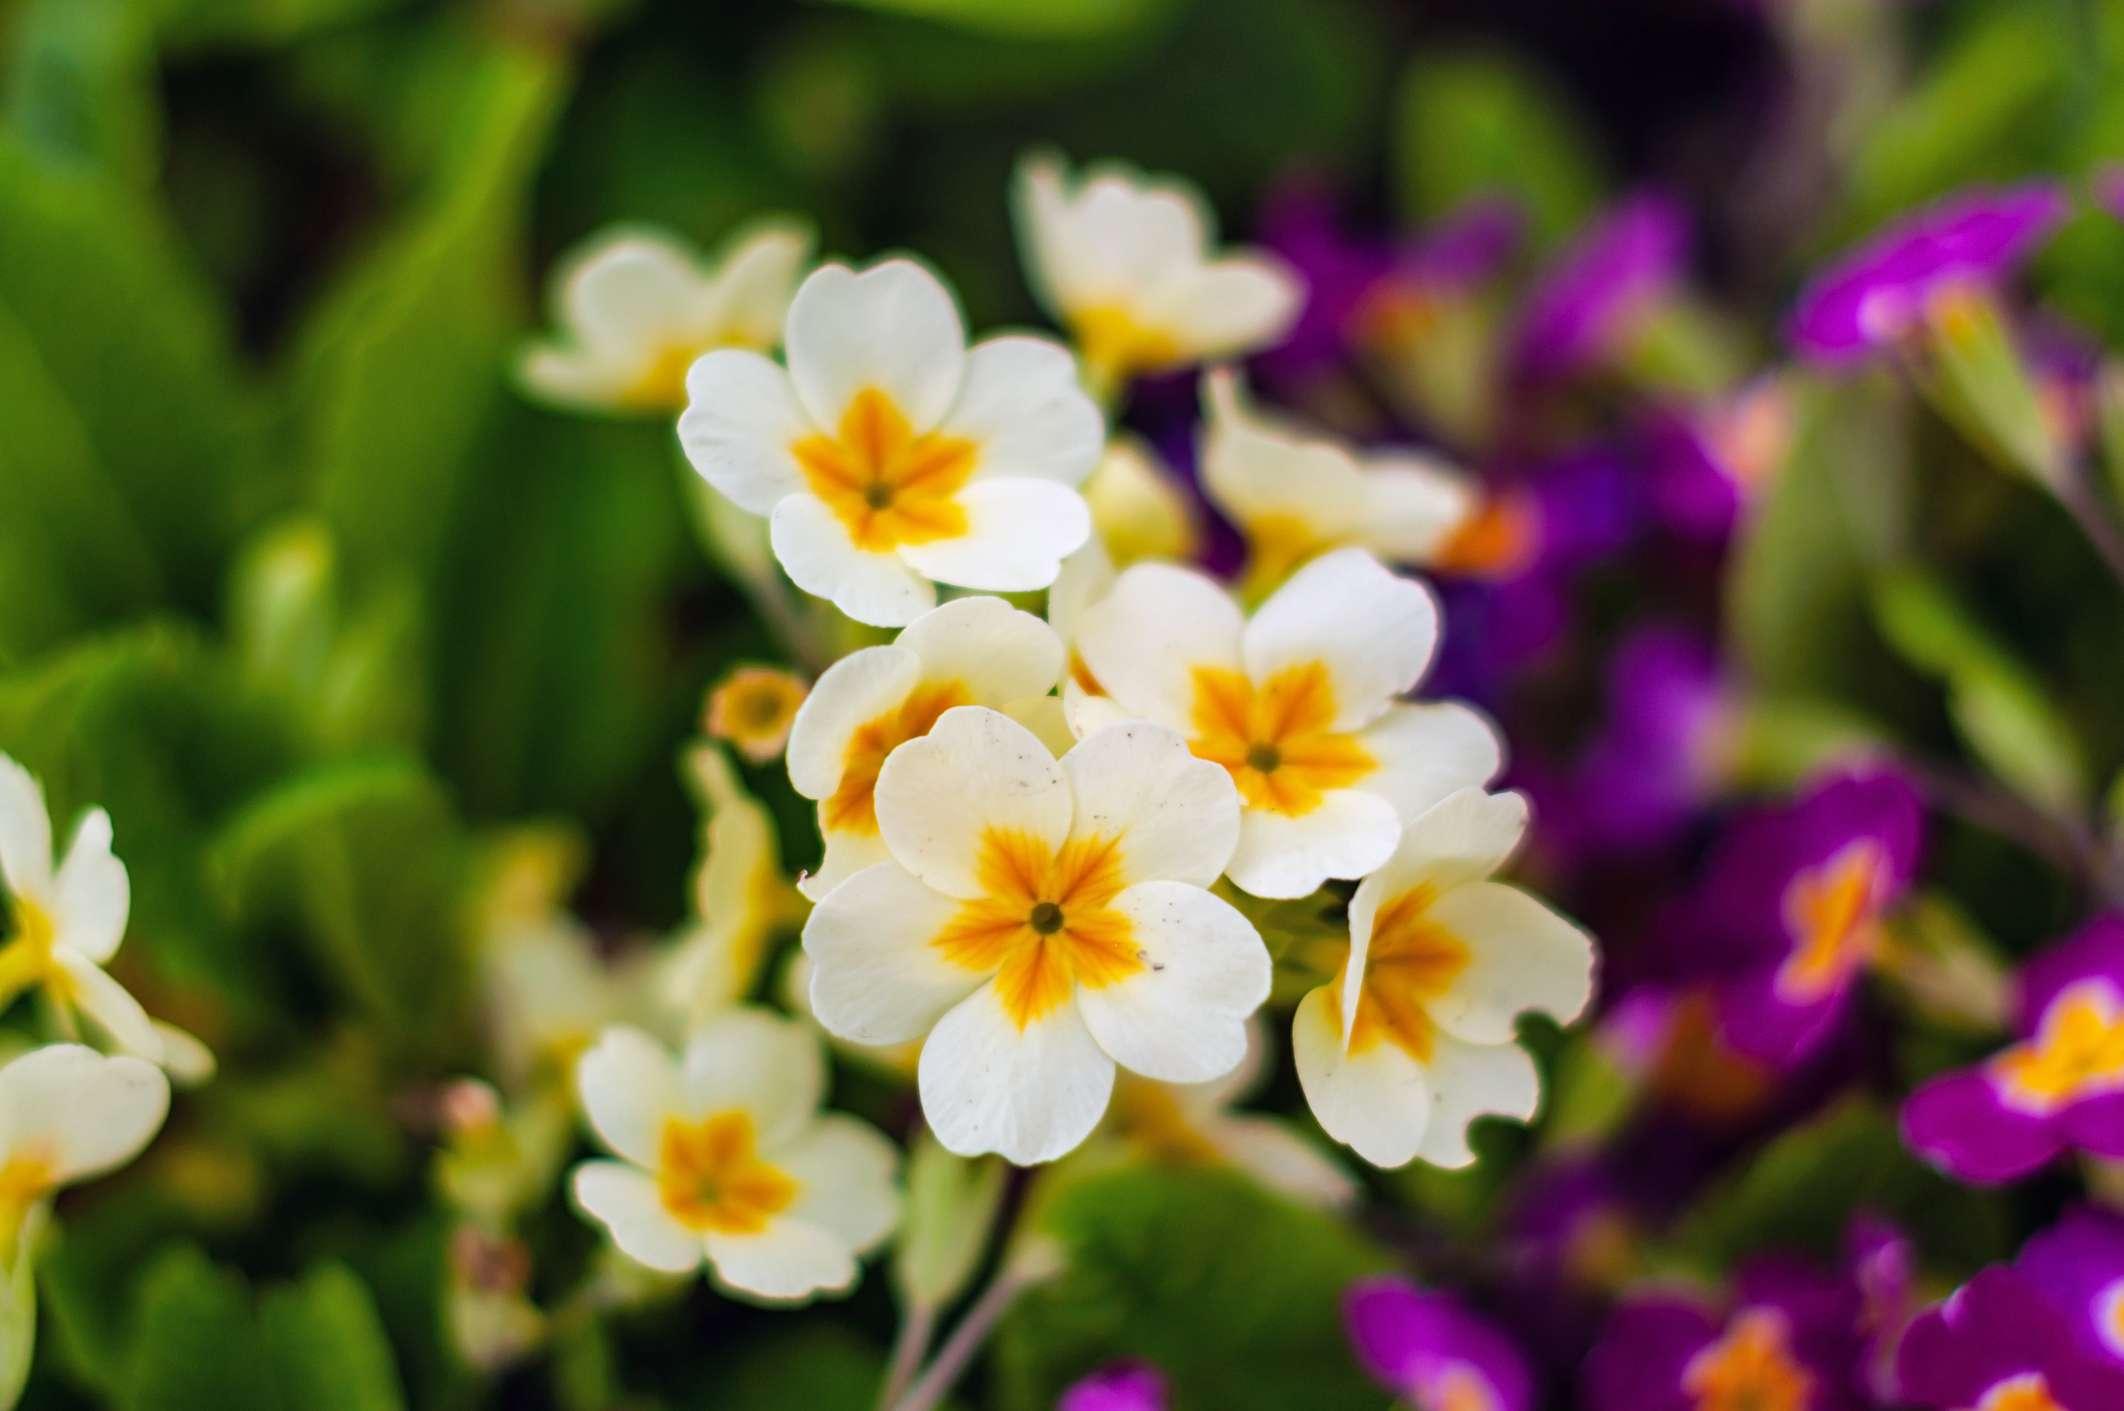 White primrose growing next to purple flowers